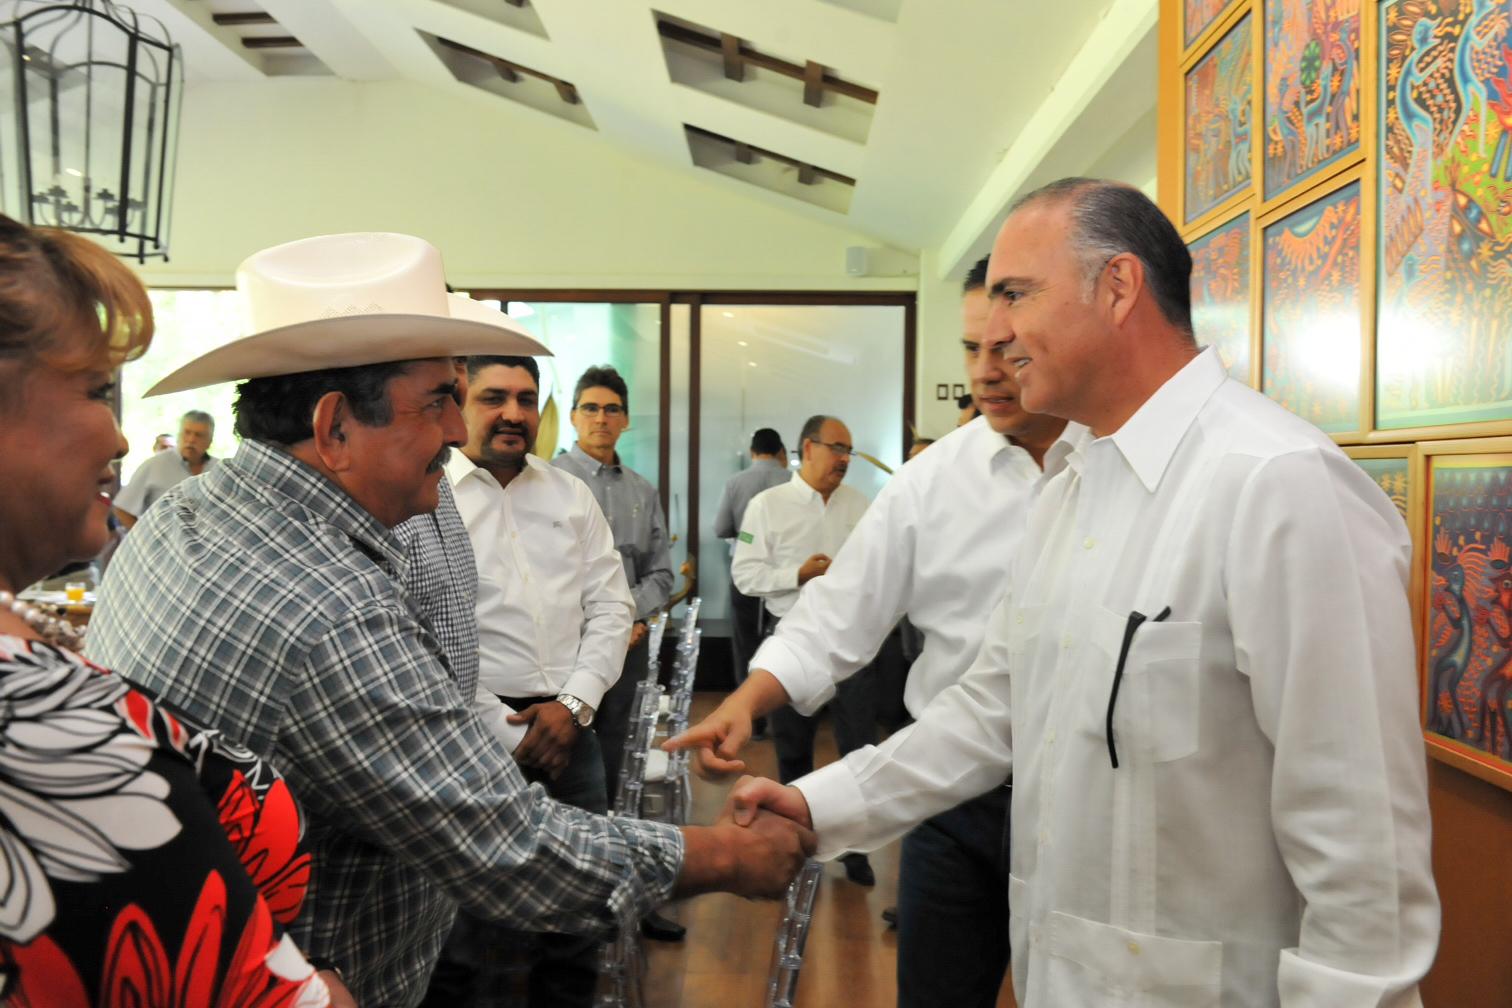 Calzada Rovirosa puntualizó que para el Gobierno de la República no hay otro compromiso más importante que el que les vaya bien a los productores del sector agropecuario y pesquero del país.